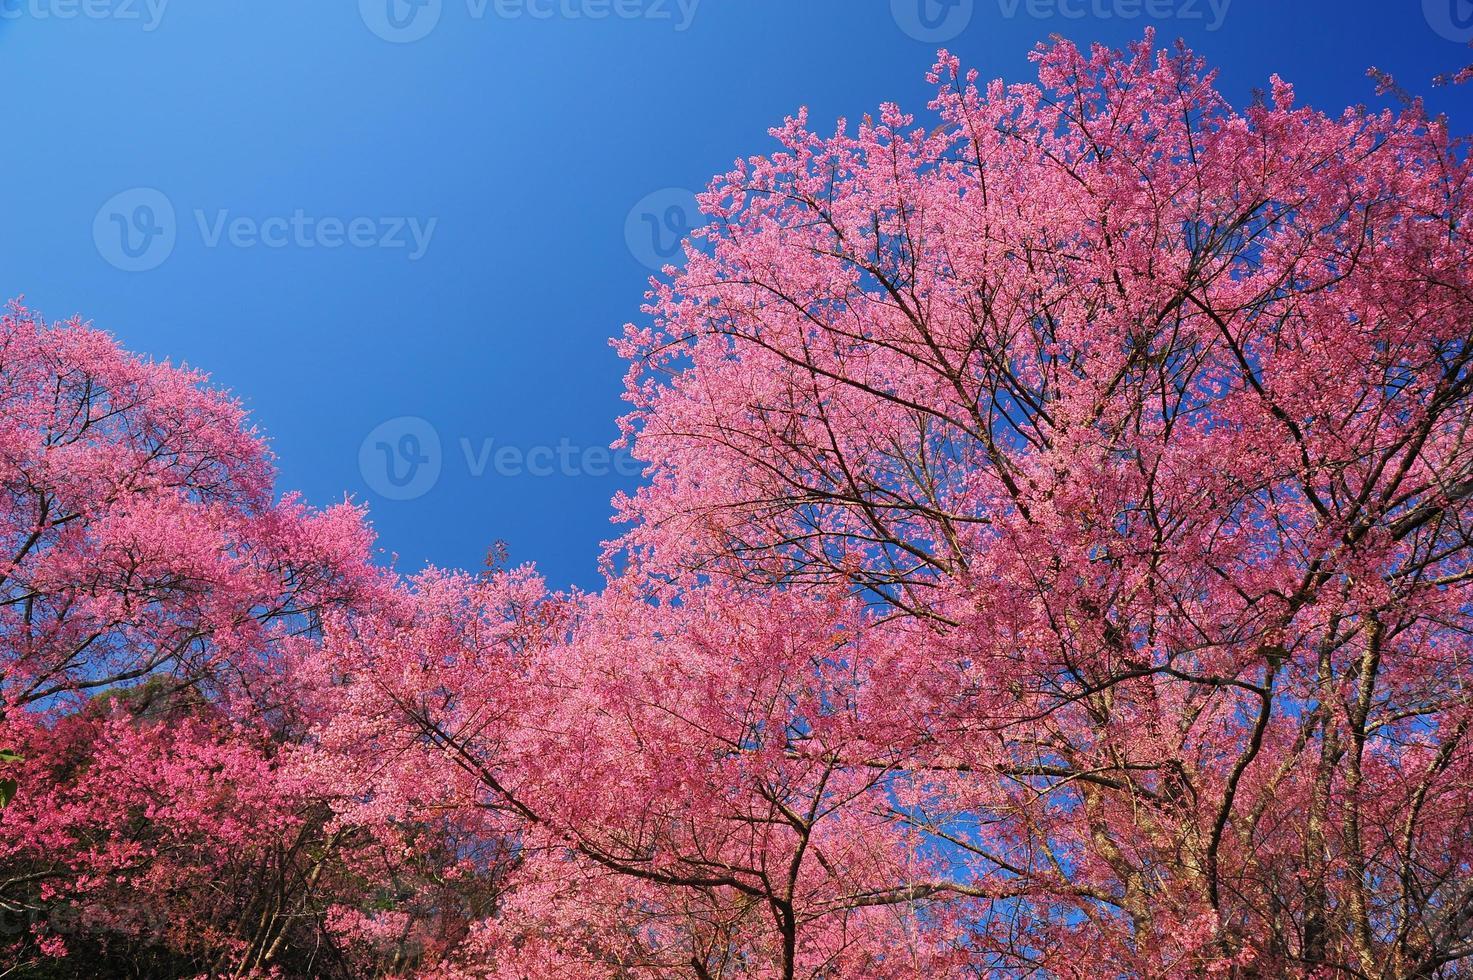 Frühlingskirschblüten mit blauem Himmelhintergrund foto